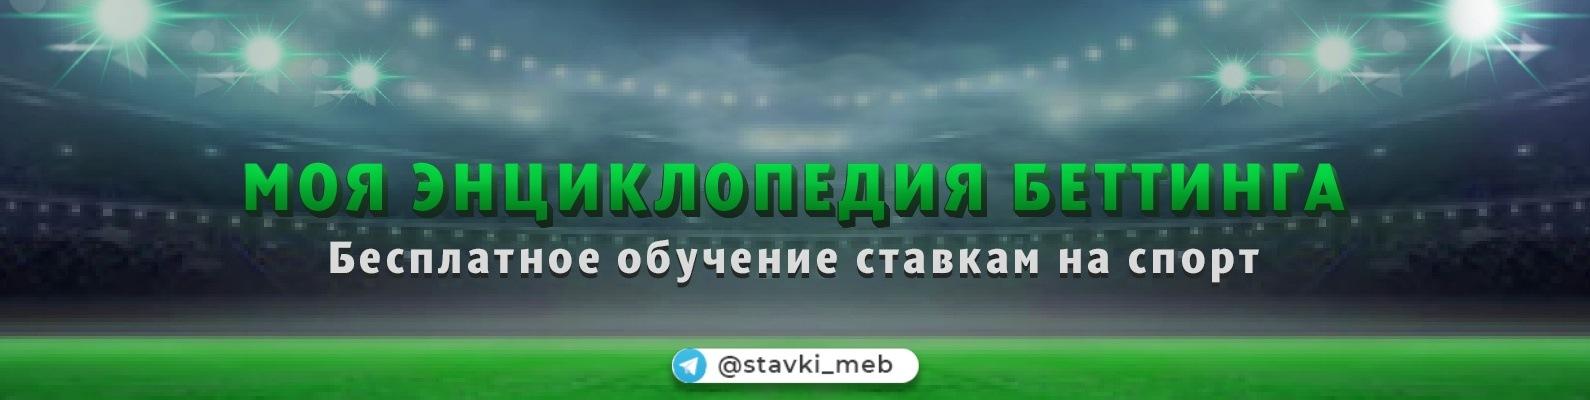 Ставки на спорт андроид украина прогноз